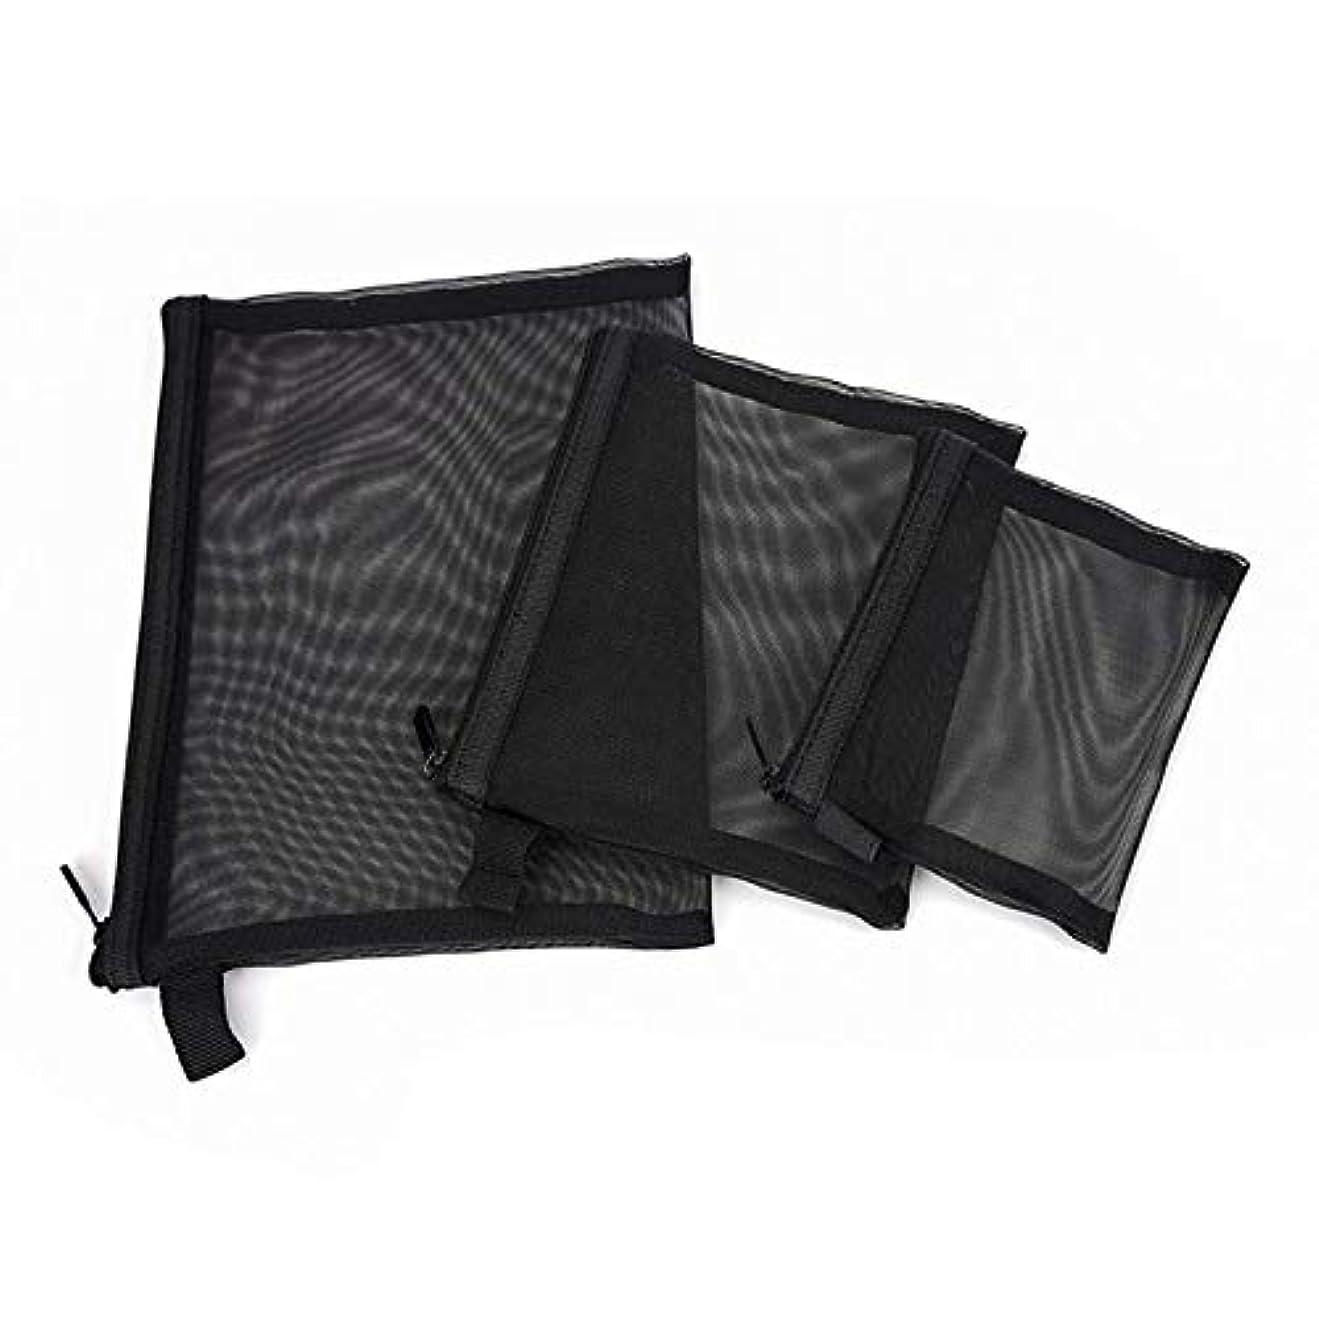 世界の窓覚醒超越するRETYLY トラベルトイレタリーキットセット収納ポーチビューティーメイクアップコスメアクセサリーオーガナイザー3個組(S/M/L)ブラック